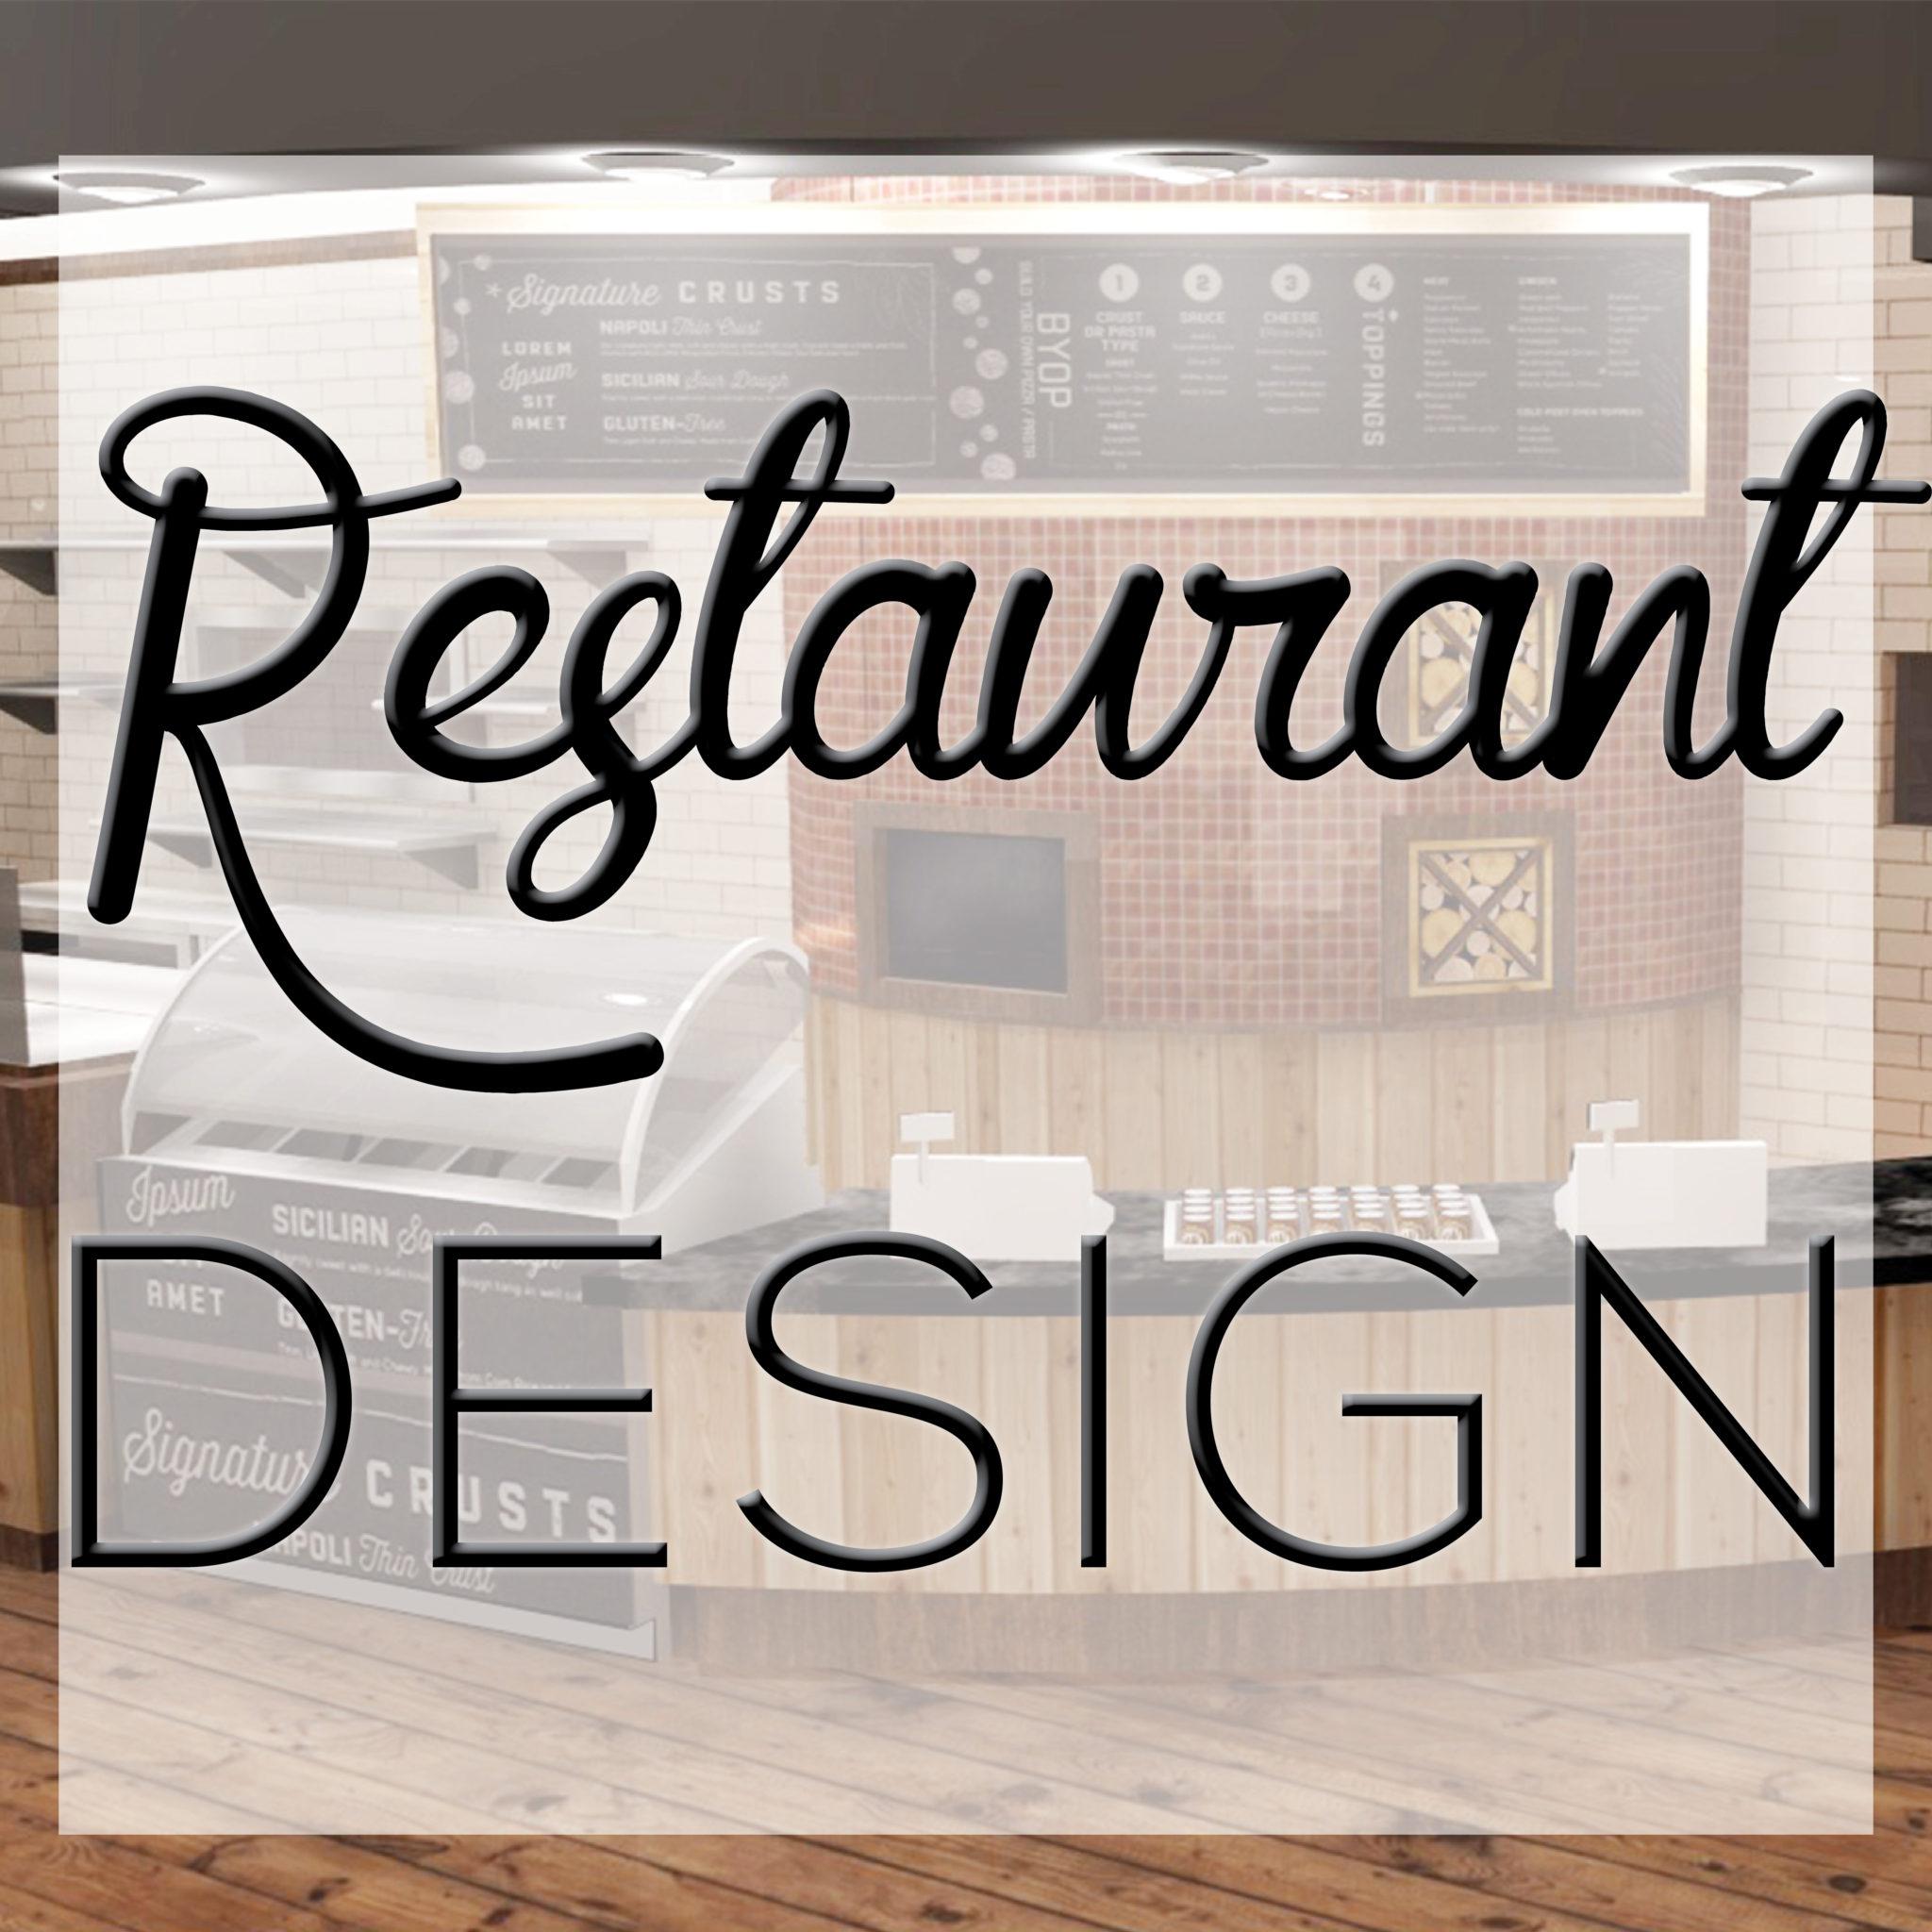 Restaurant space planning